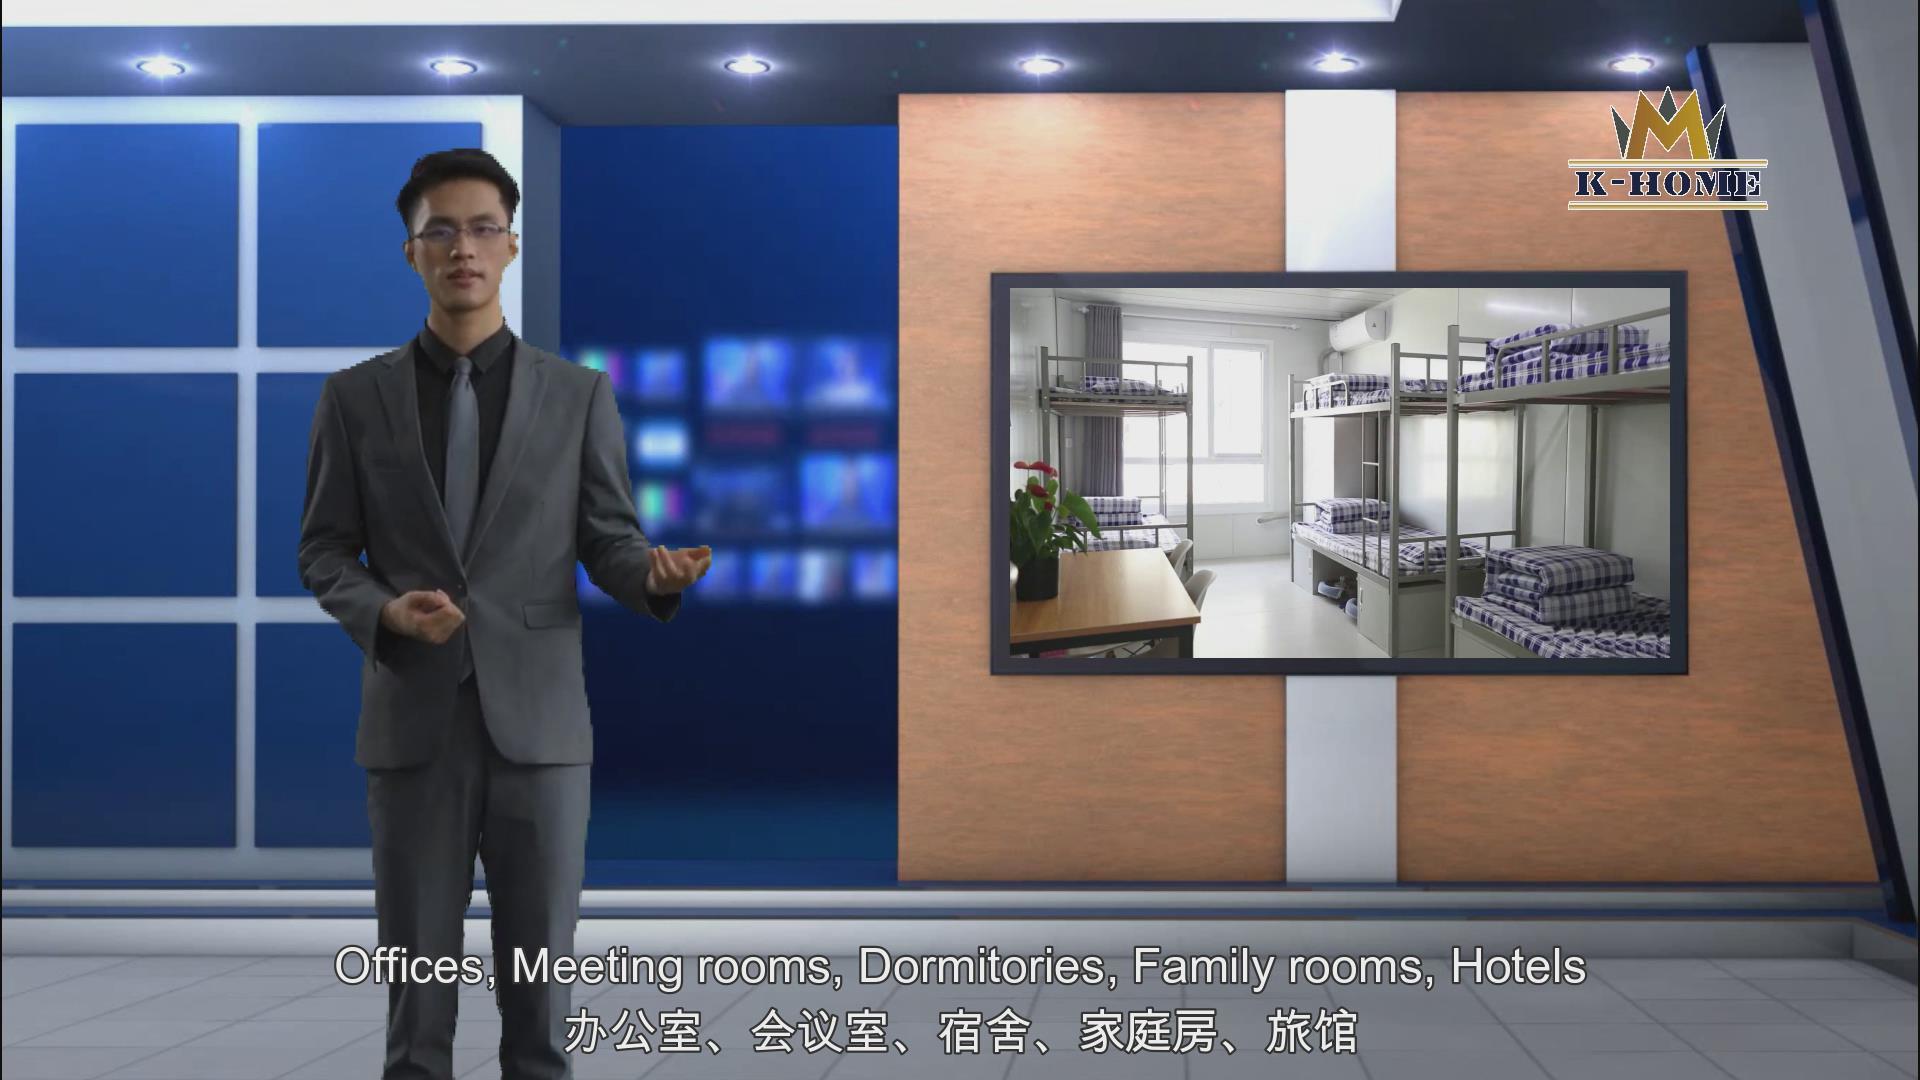 Pre diseñado los fabricantes de metal Metal edificio de oficinas